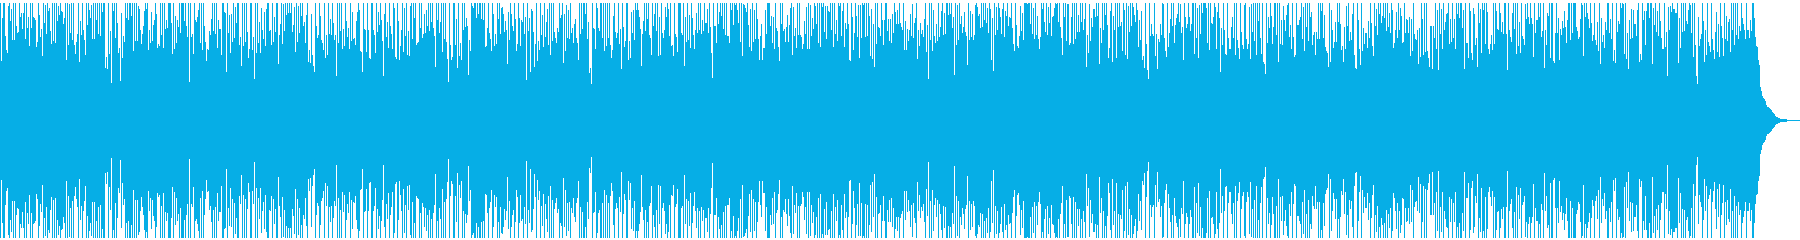 気持ち高まるカントリーミュージックの再生済みの波形